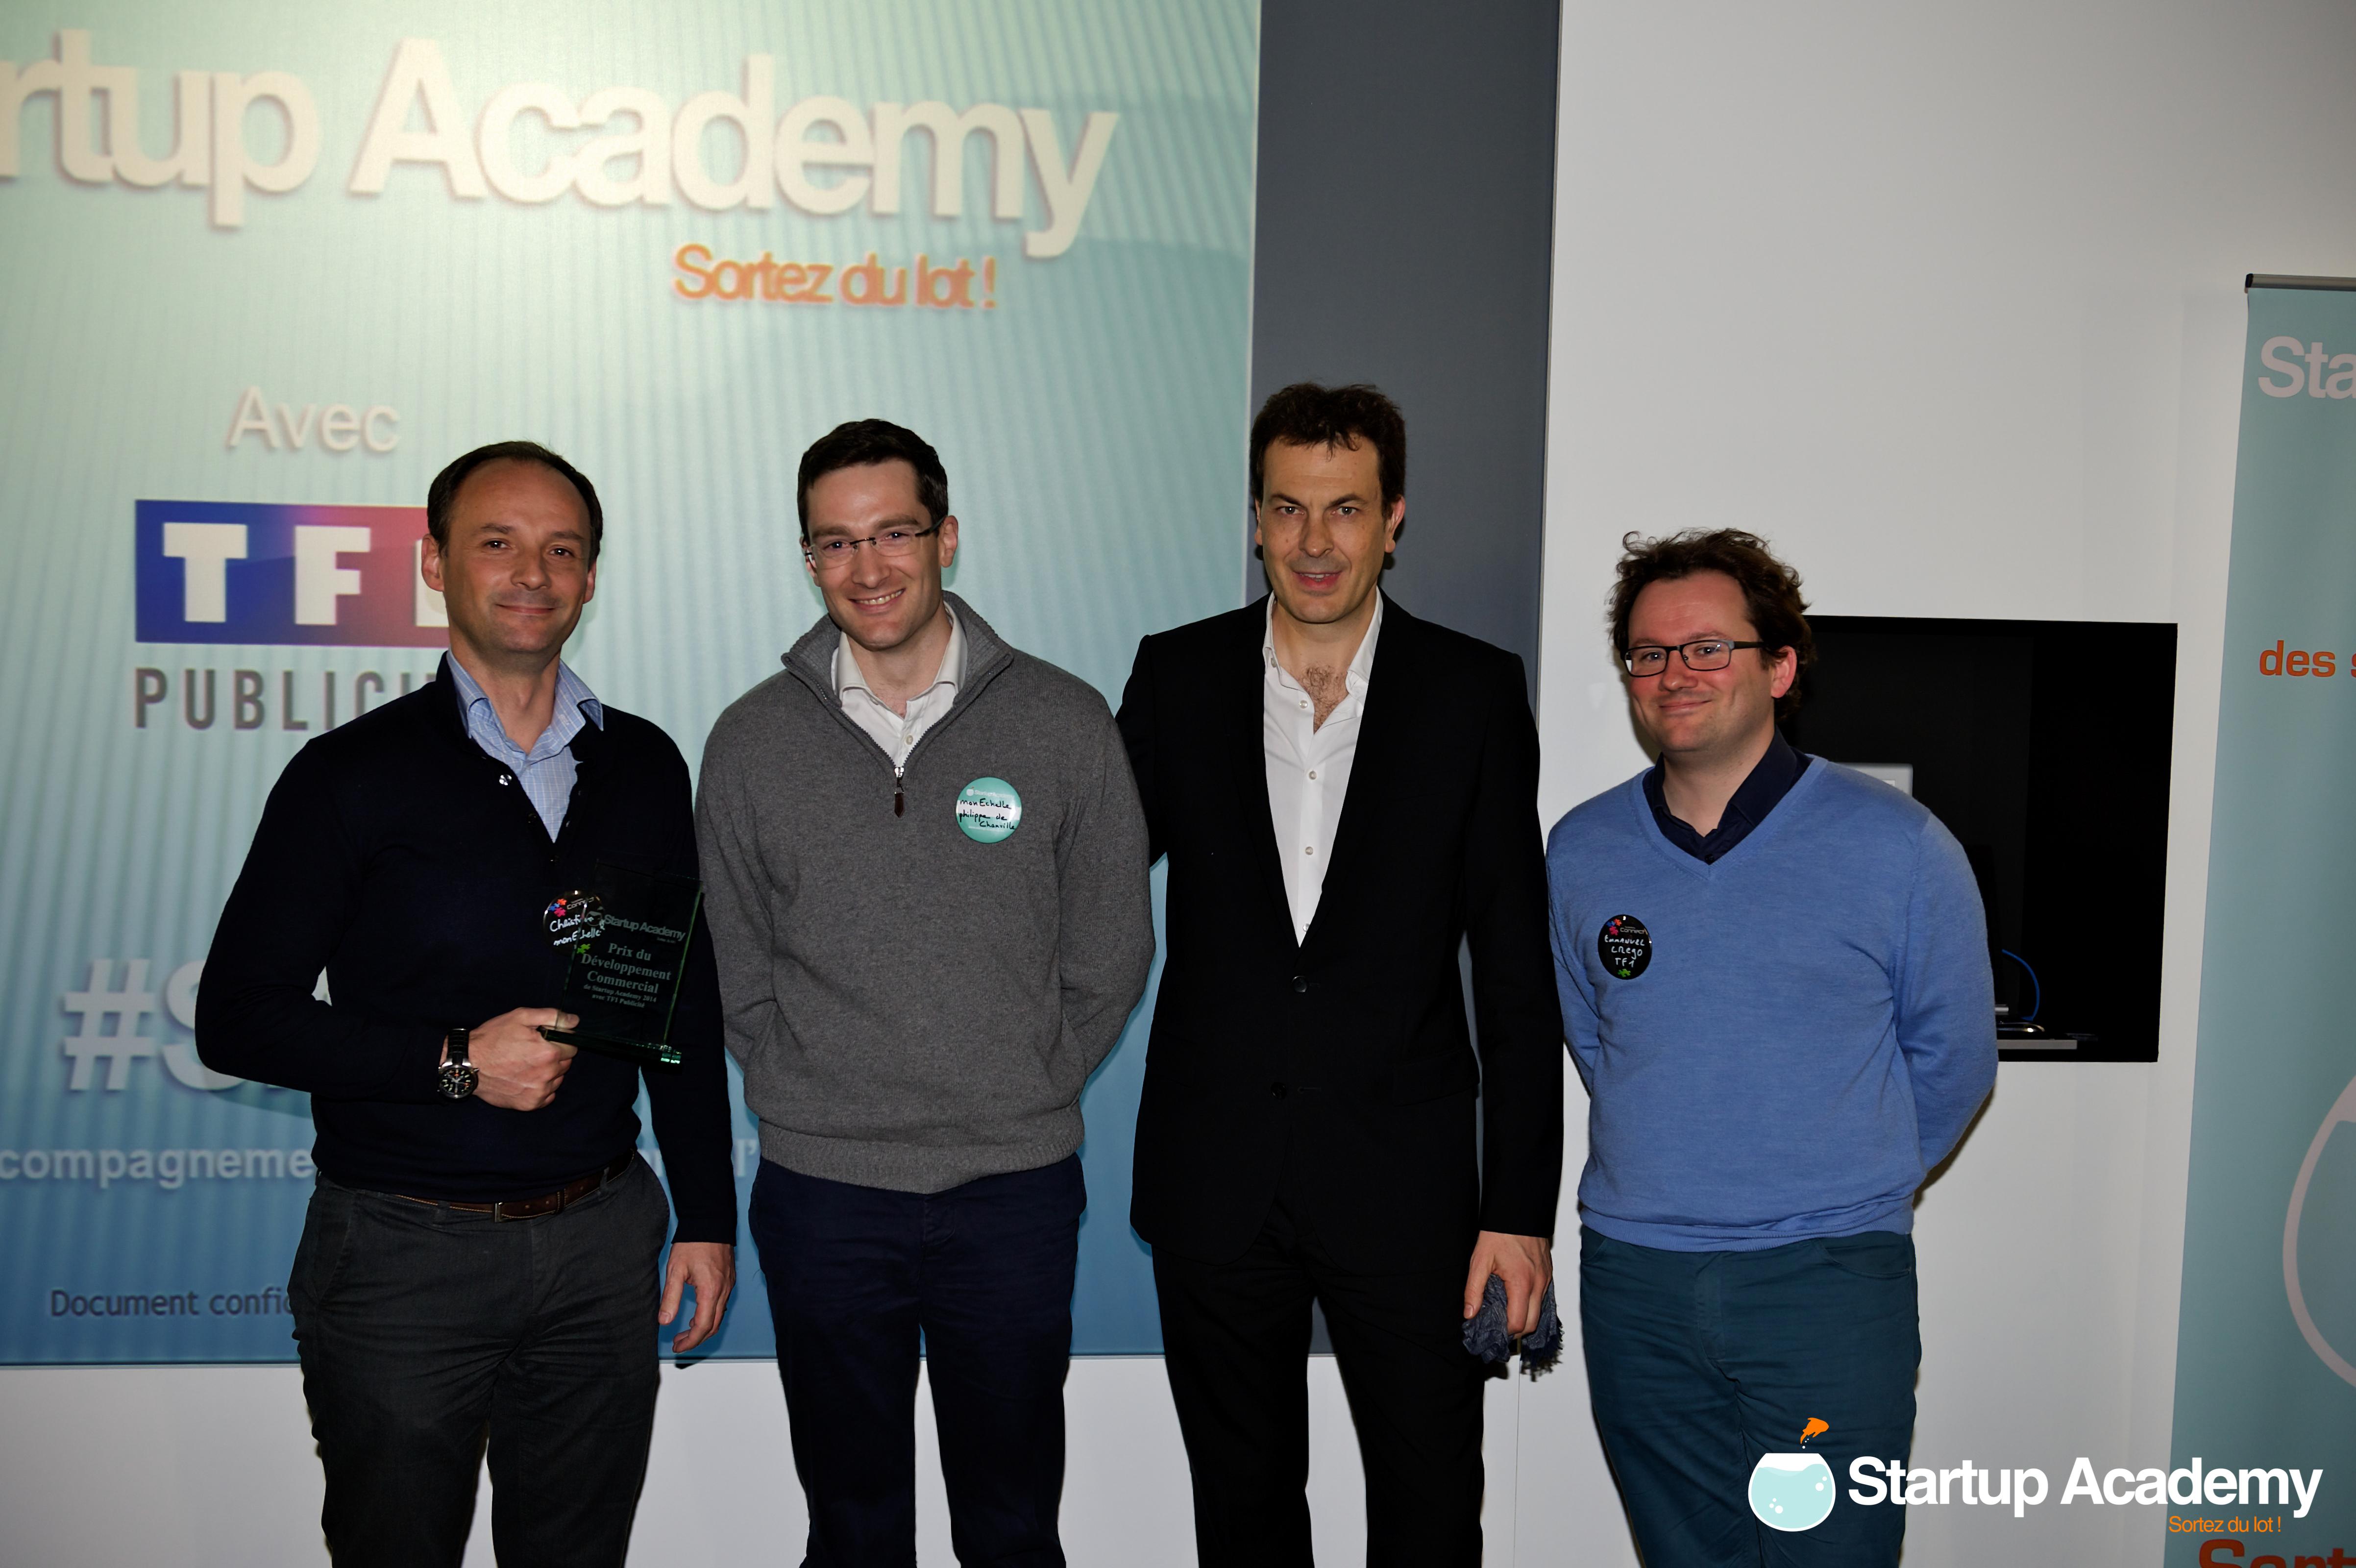 Prix du développement commercial avec TF1 publicité – MonEchelle